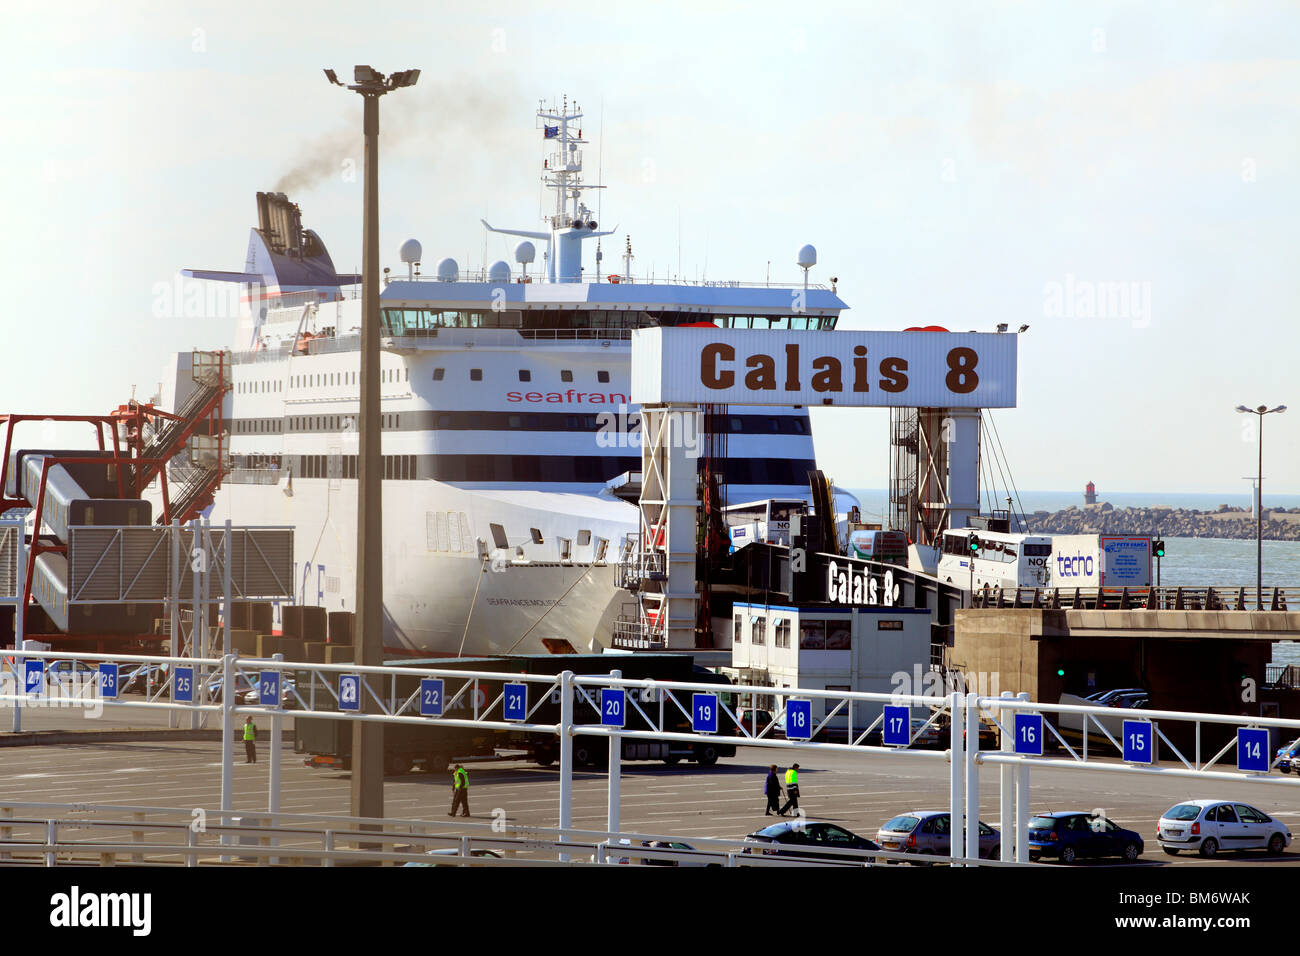 Car Ferry Terminal at Calais France - Stock Image